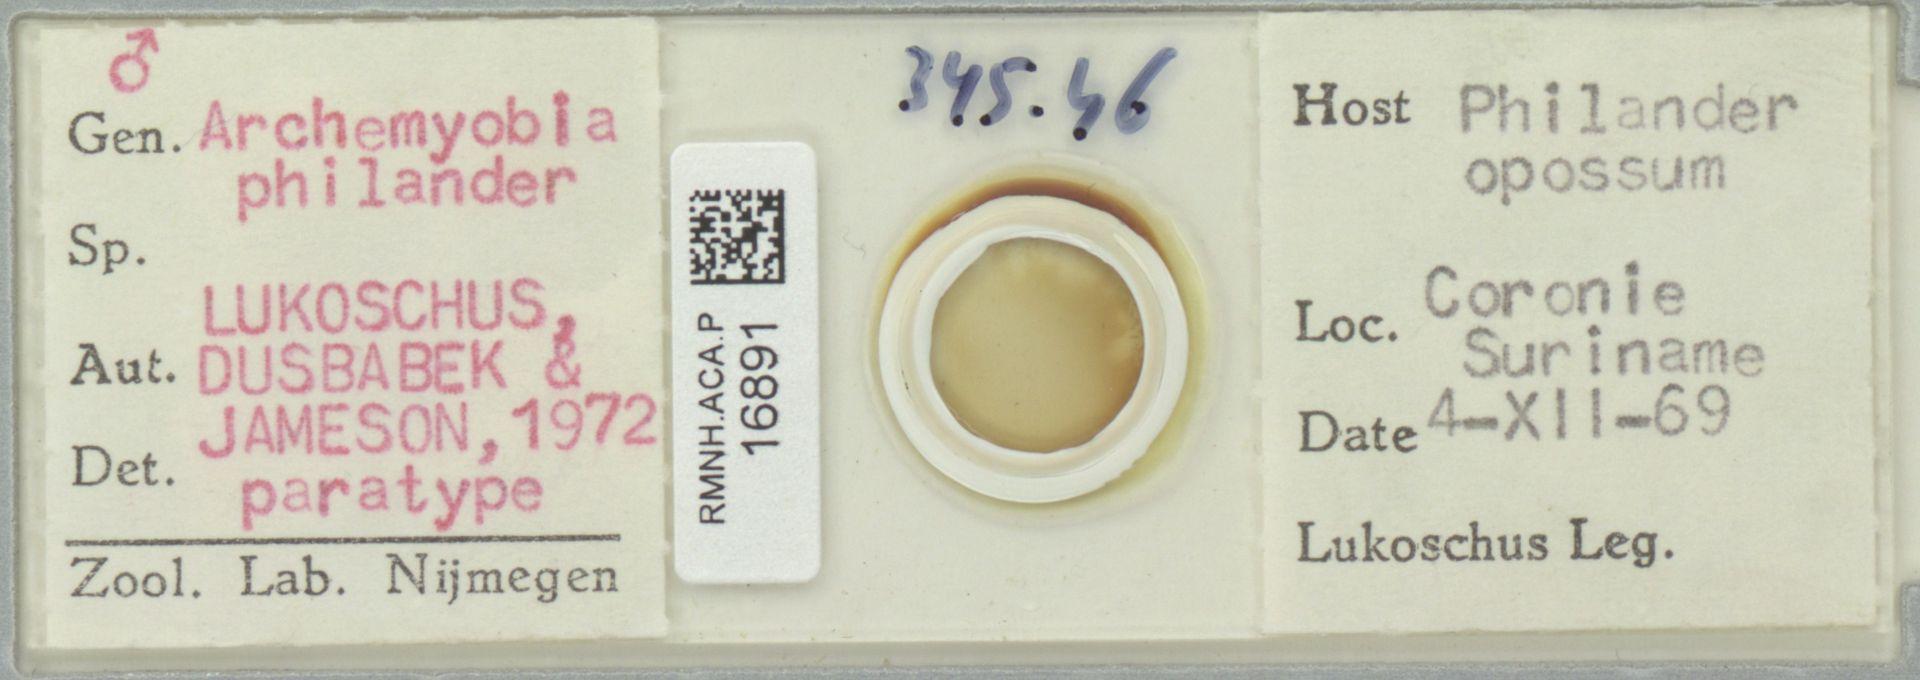 RMNH.ACA.P.16891 | Archemyobia philander